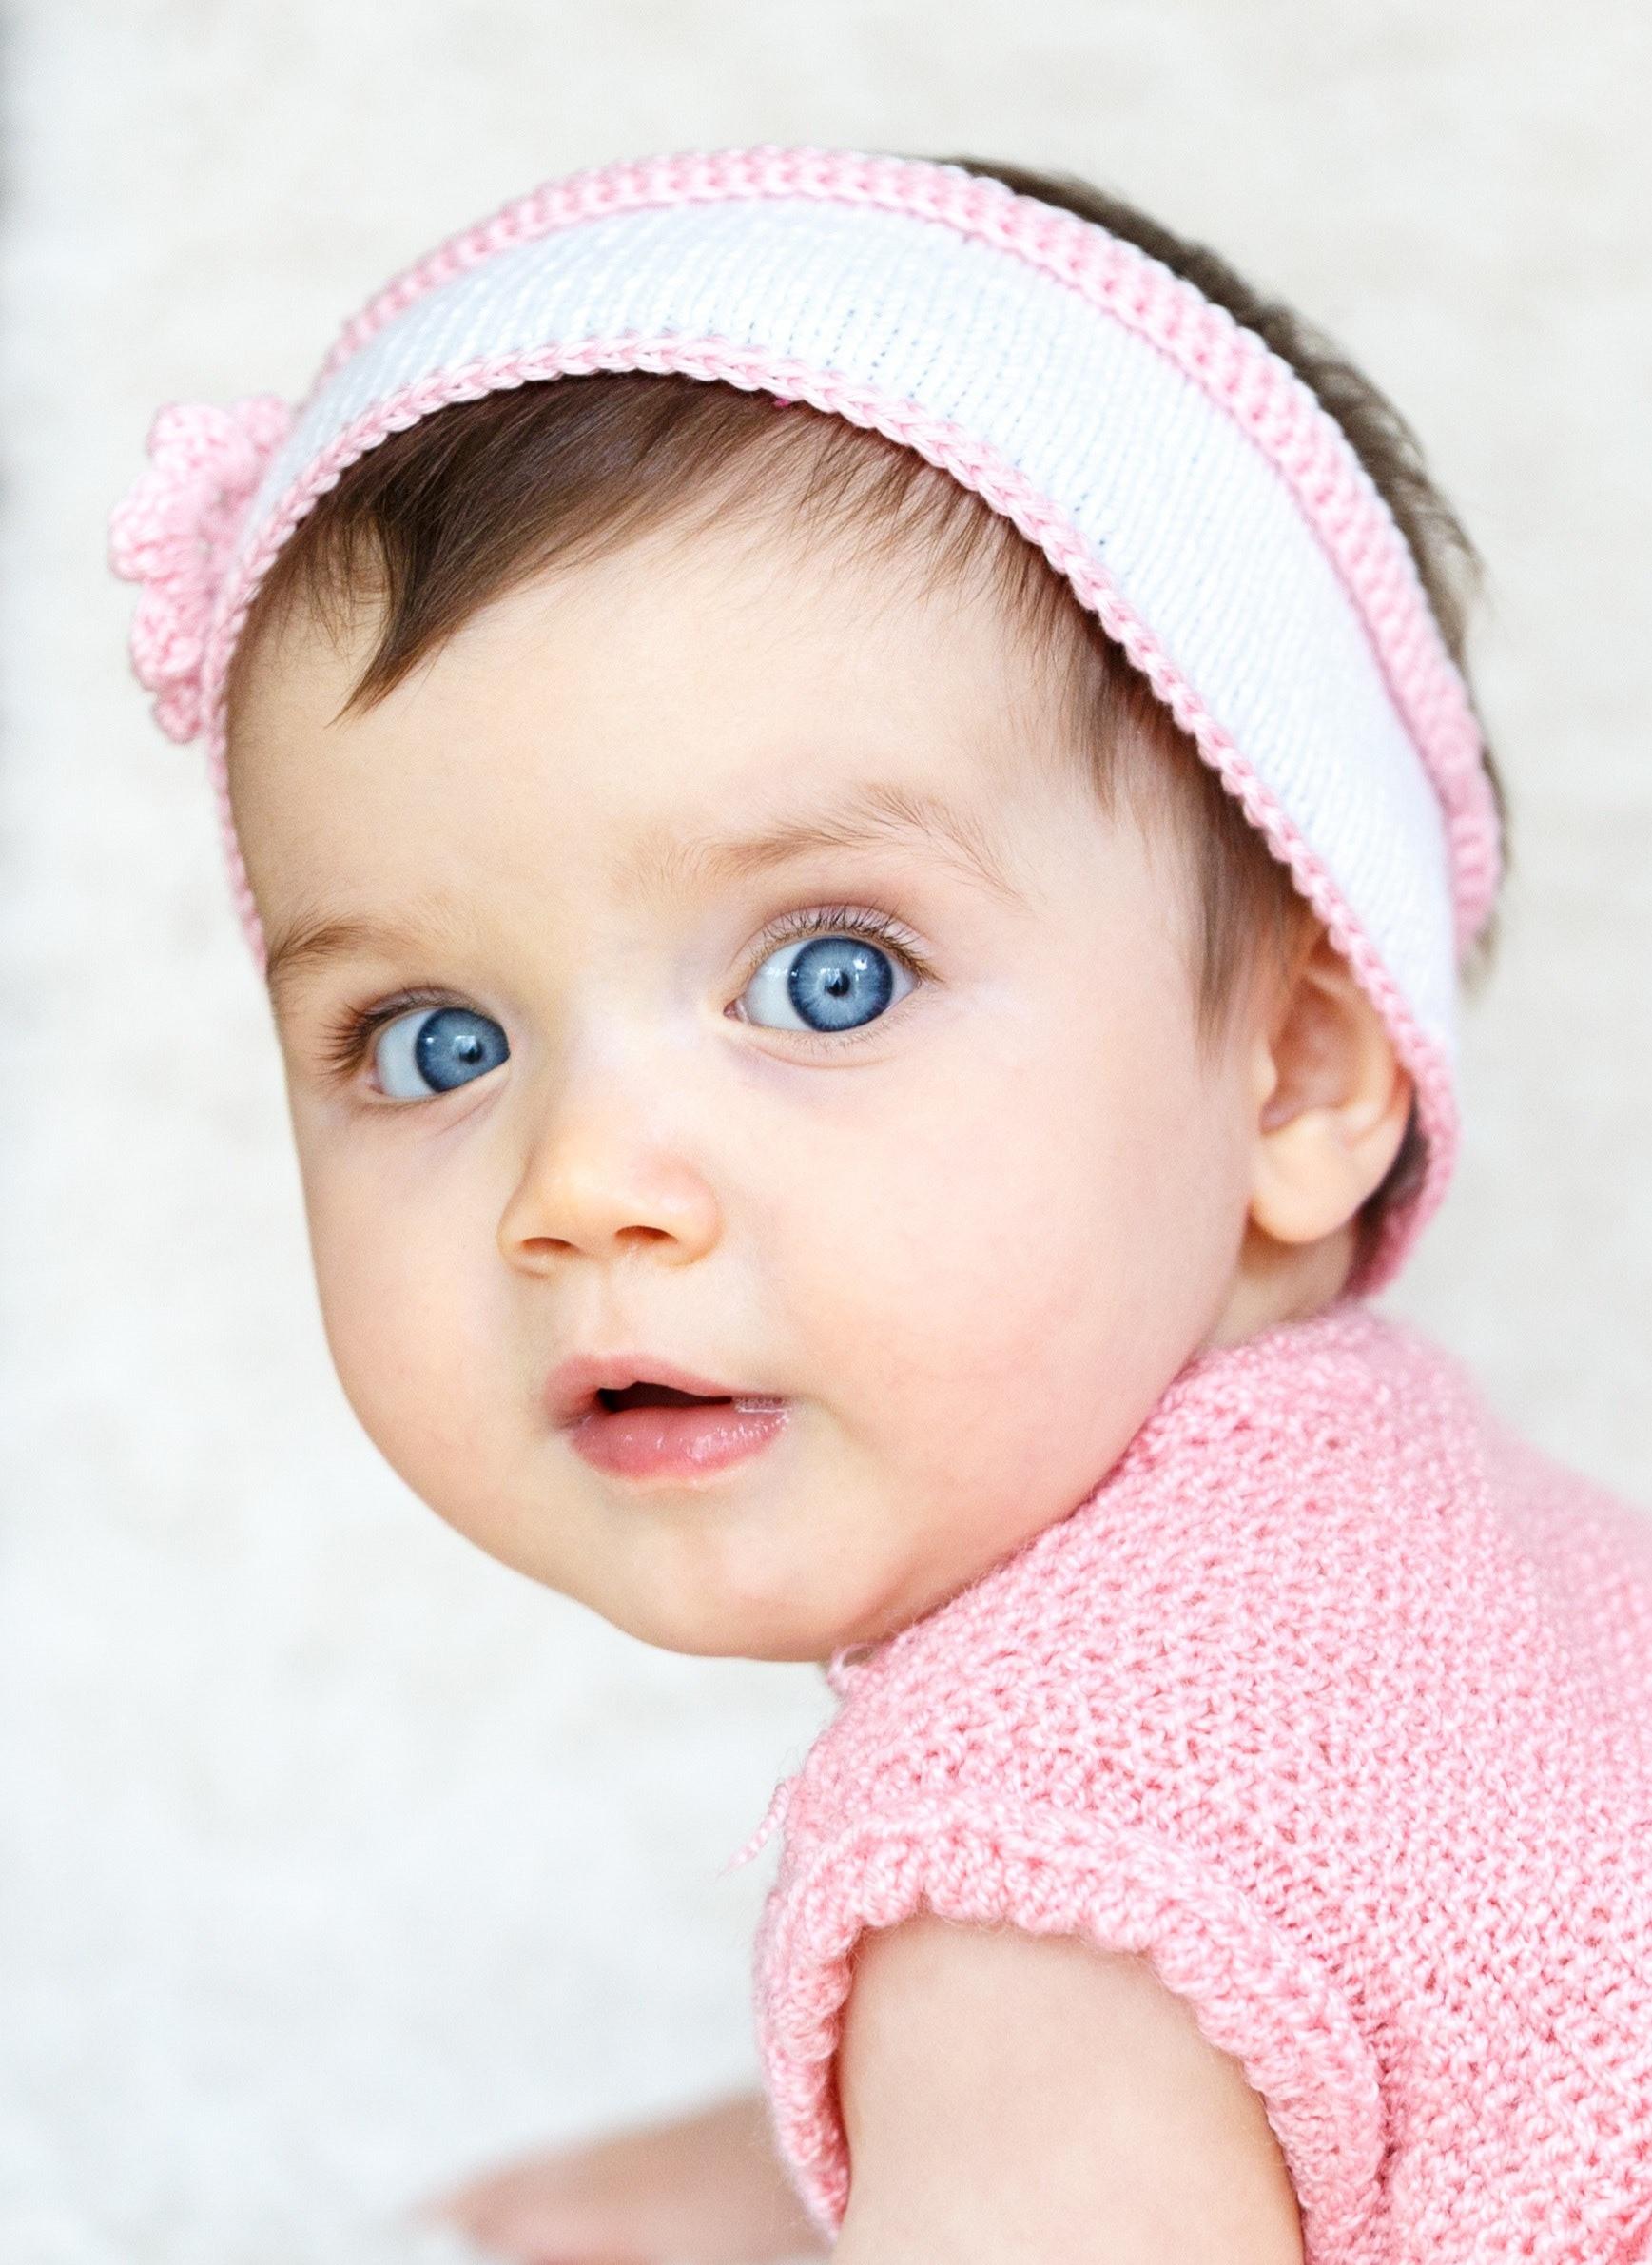 Children's Eye Examination